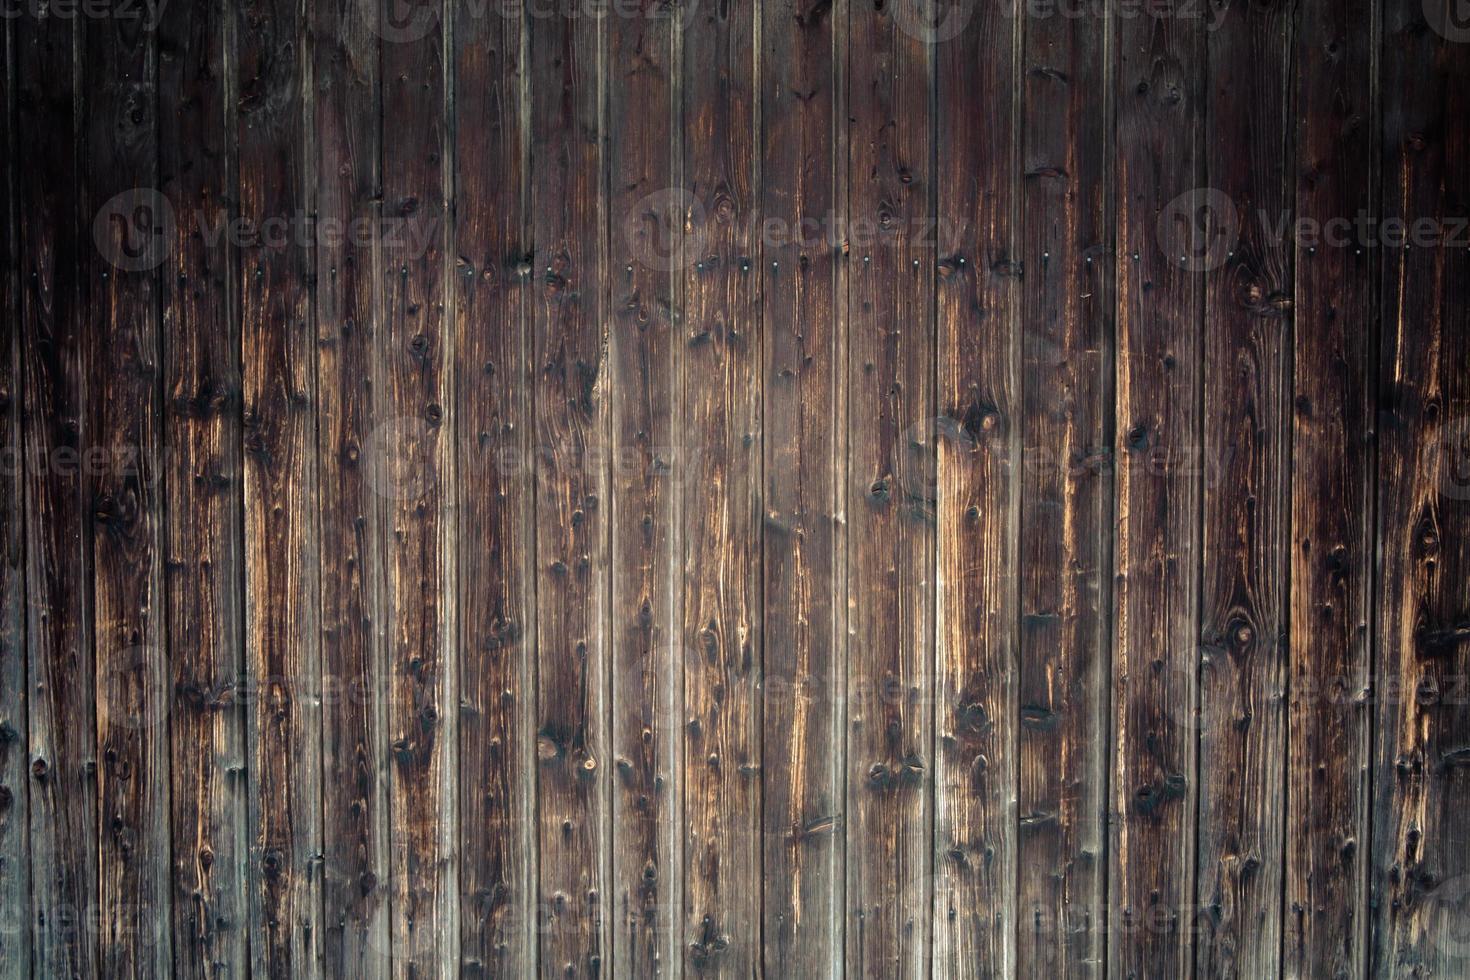 Holz Schreibtisch Planke als Hintergrund oder Textur zu verwenden foto